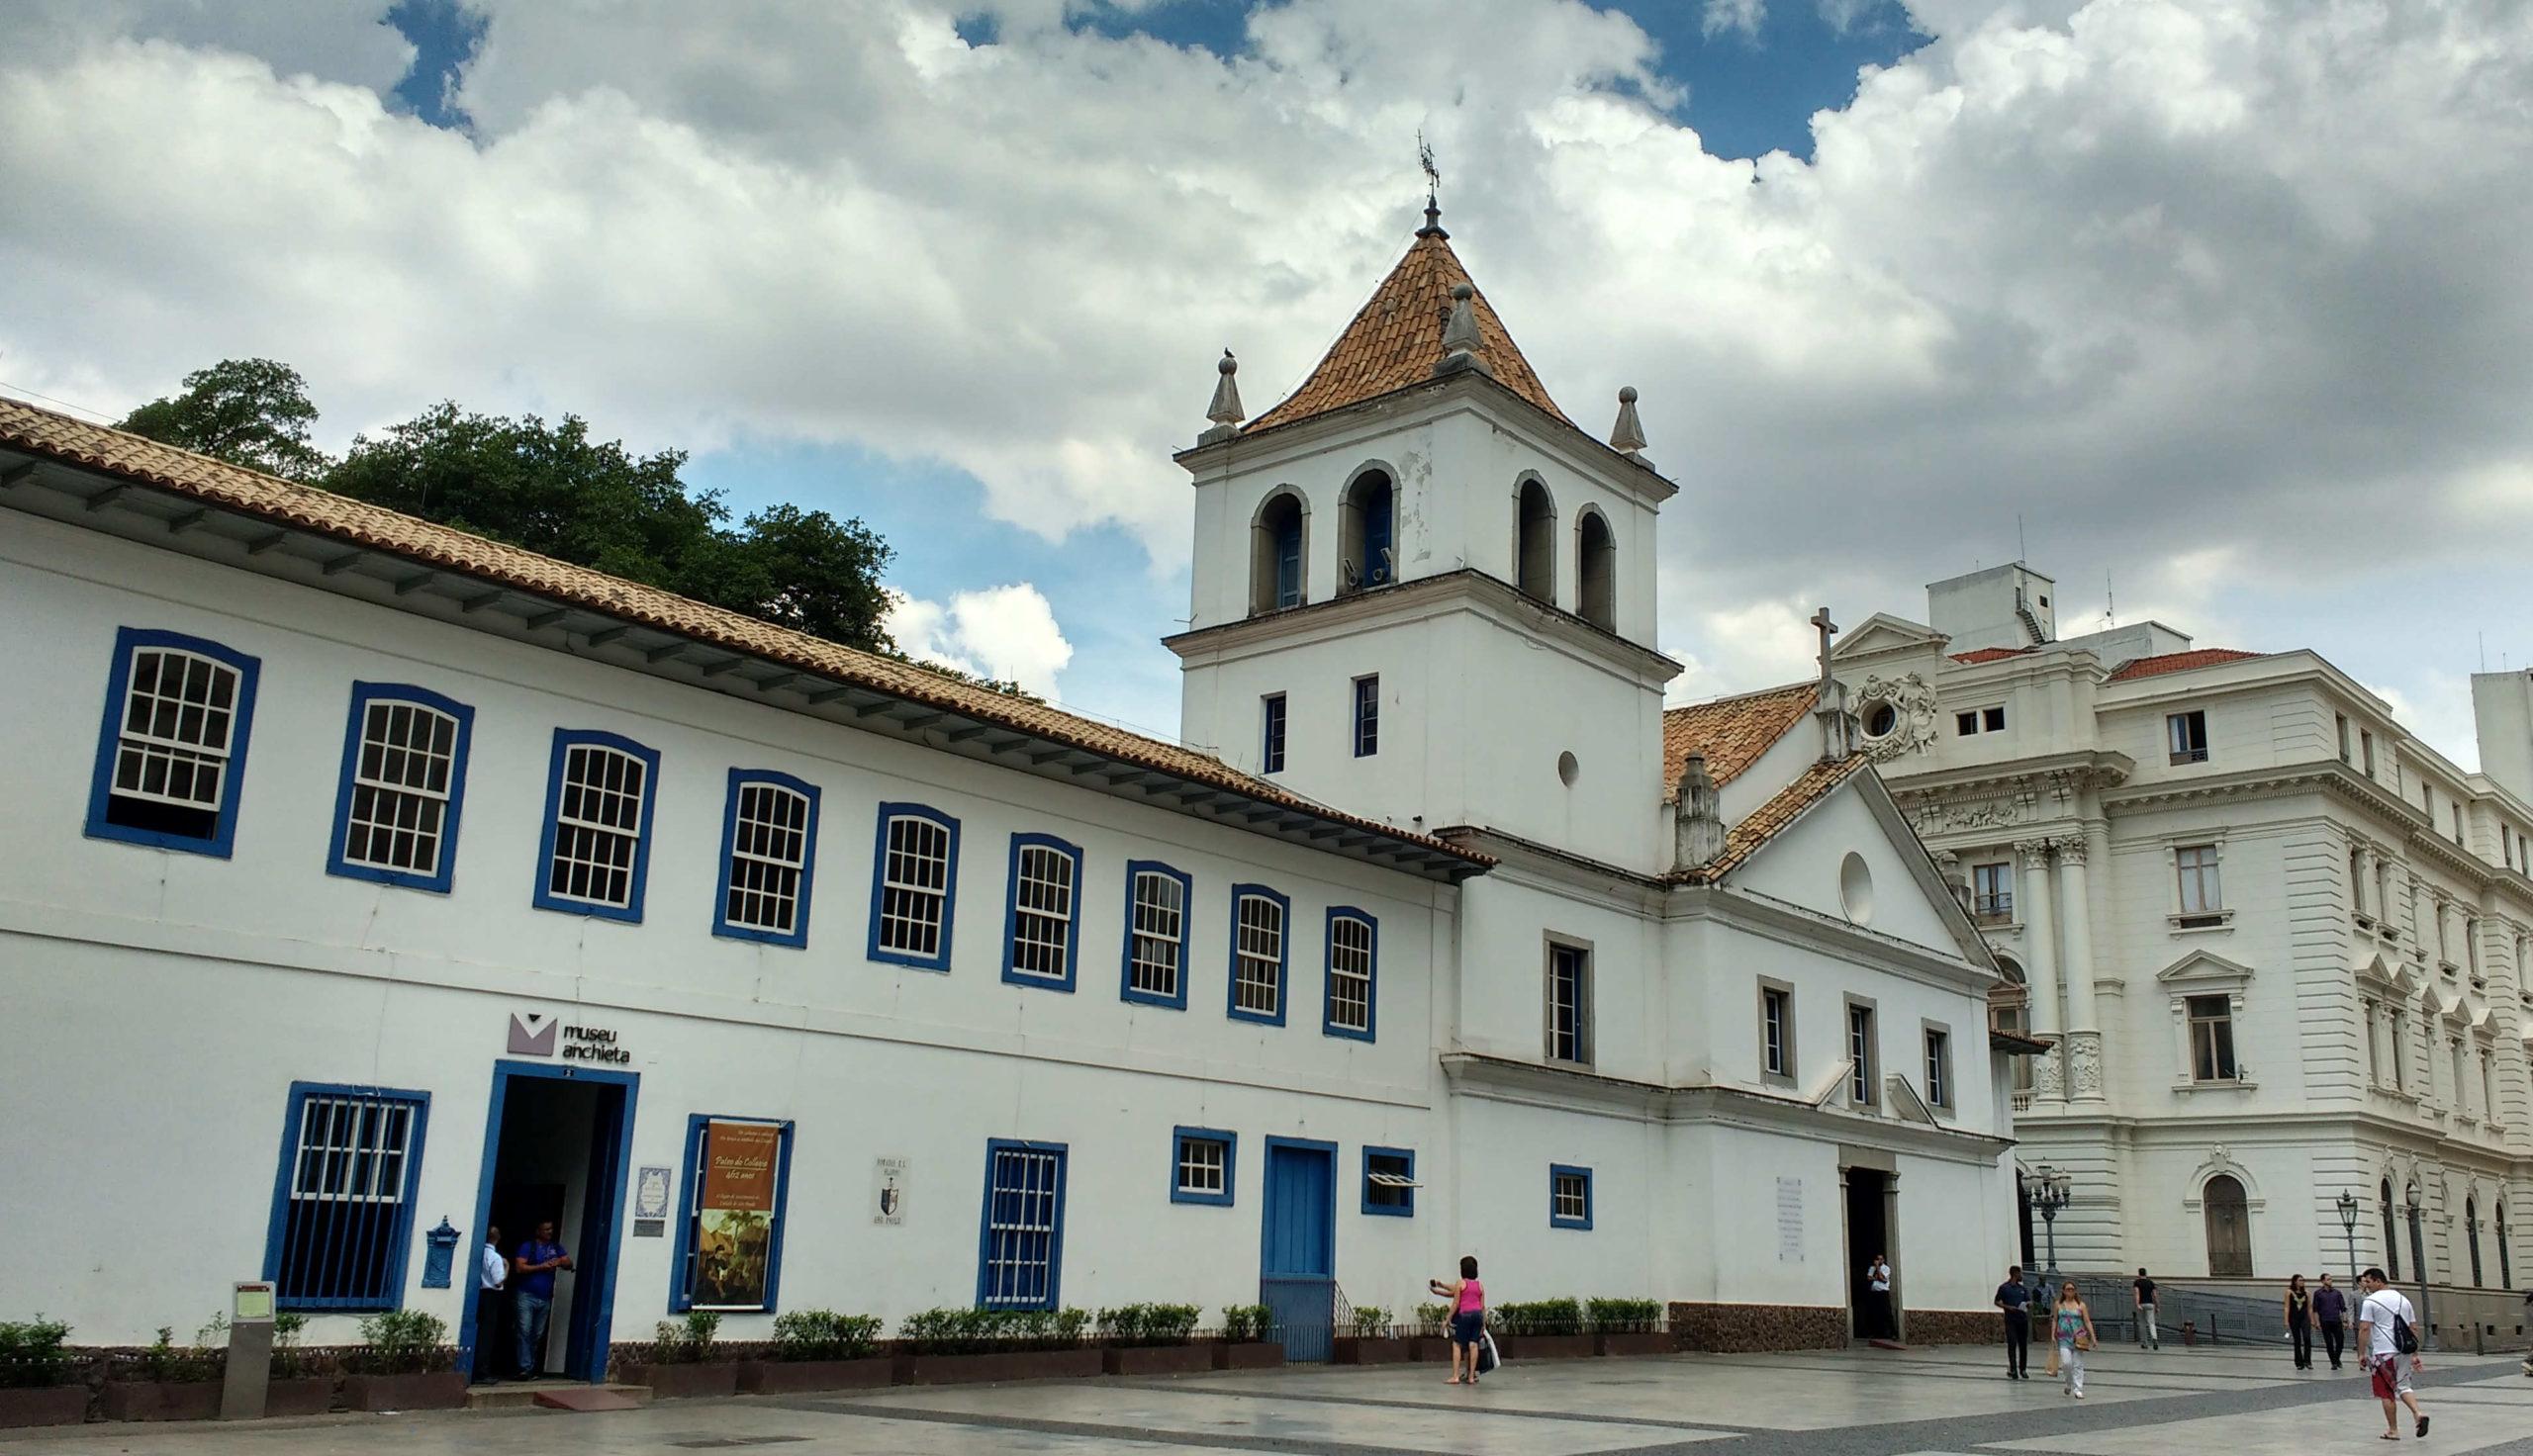 Pátio do Colégio, onde foi levantada a primeira construção de São Paulo, em 1554